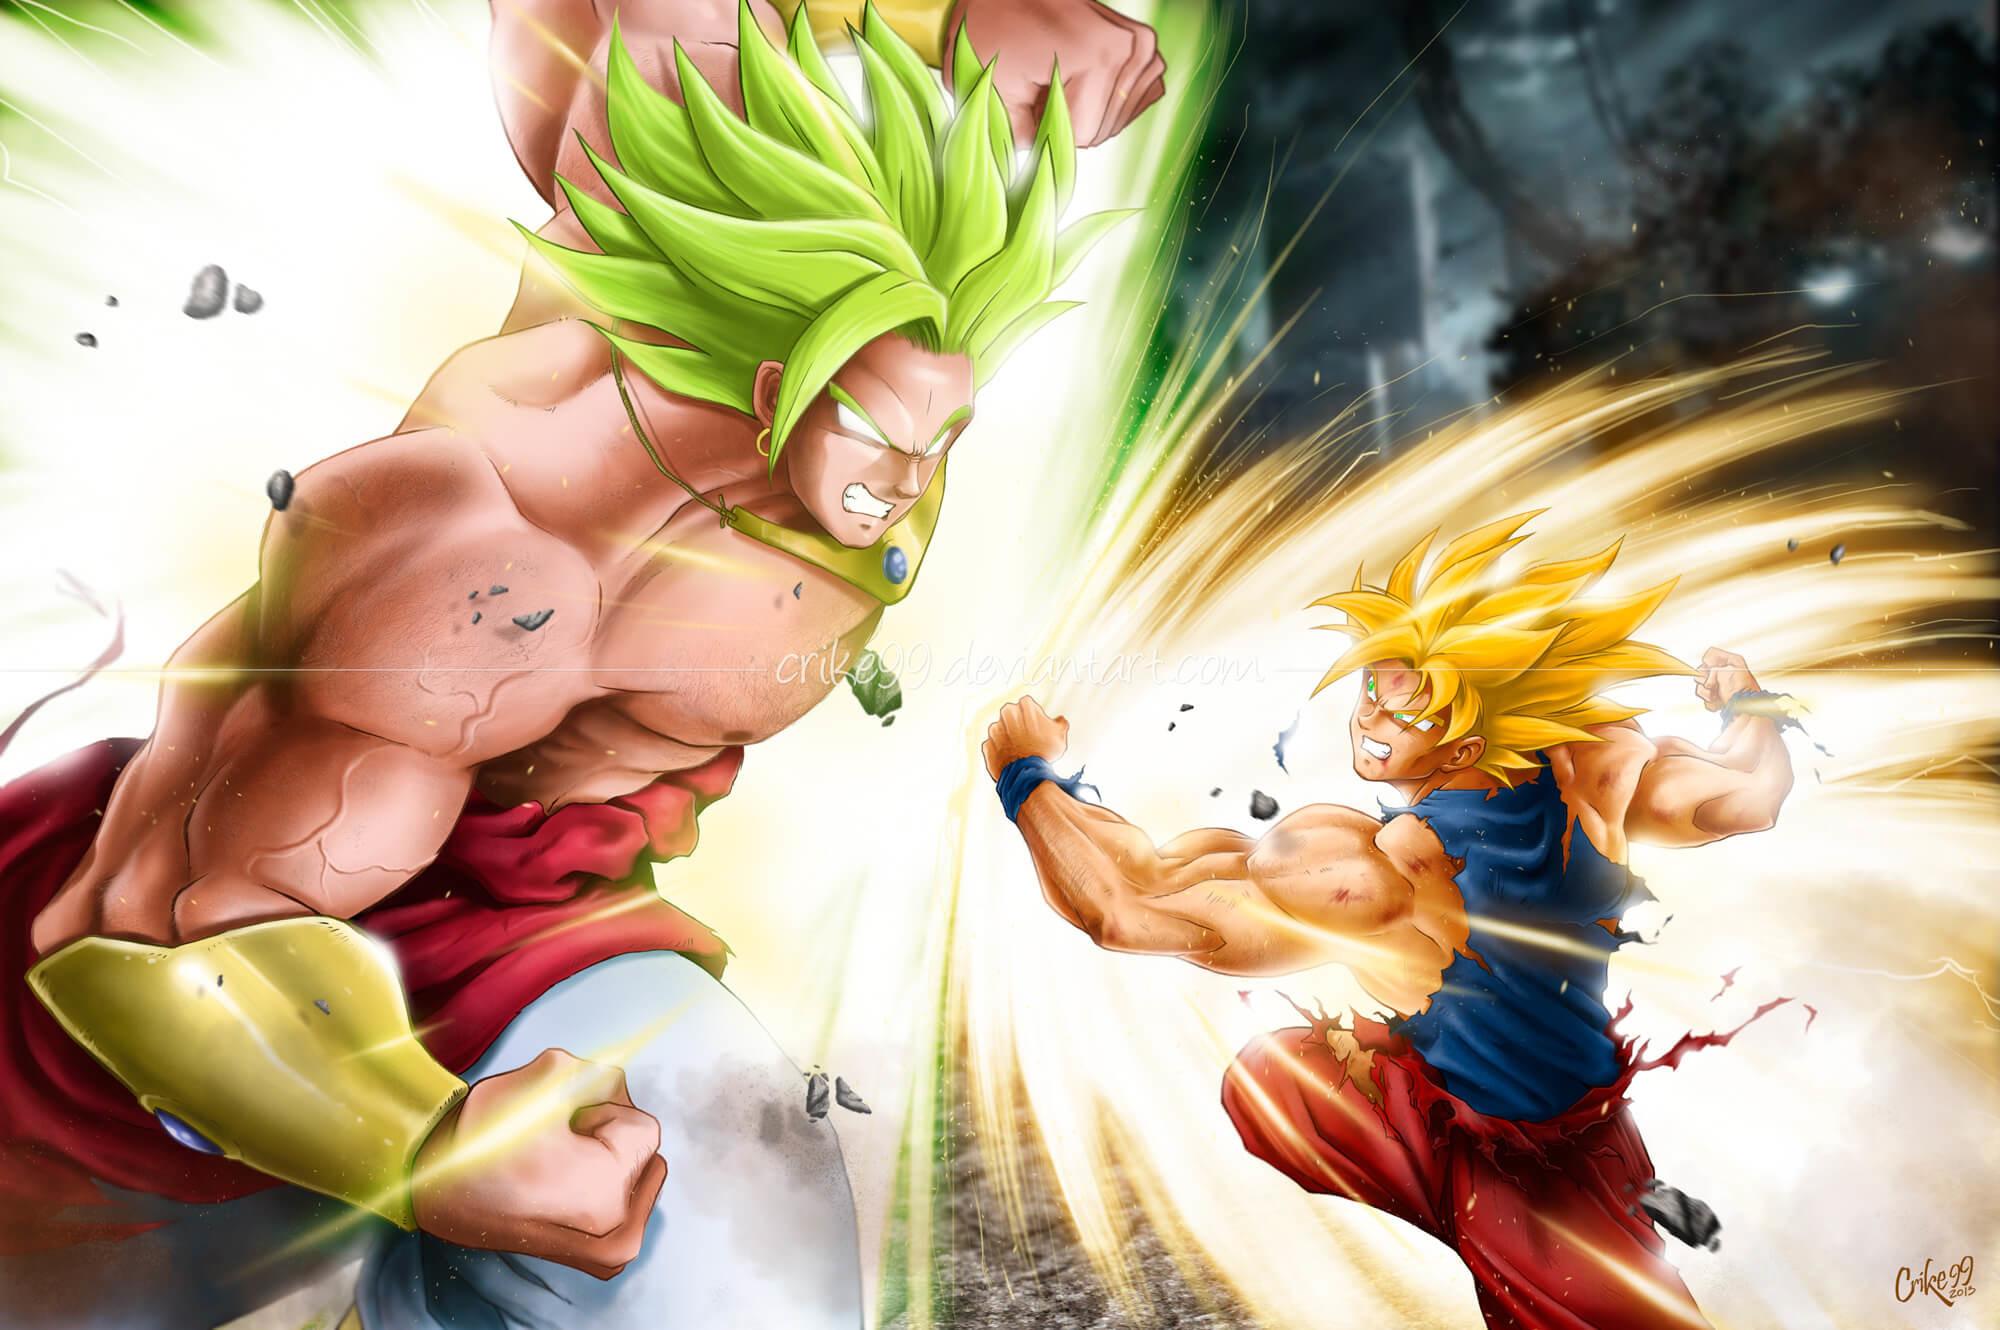 Goku Vs Broly Pic